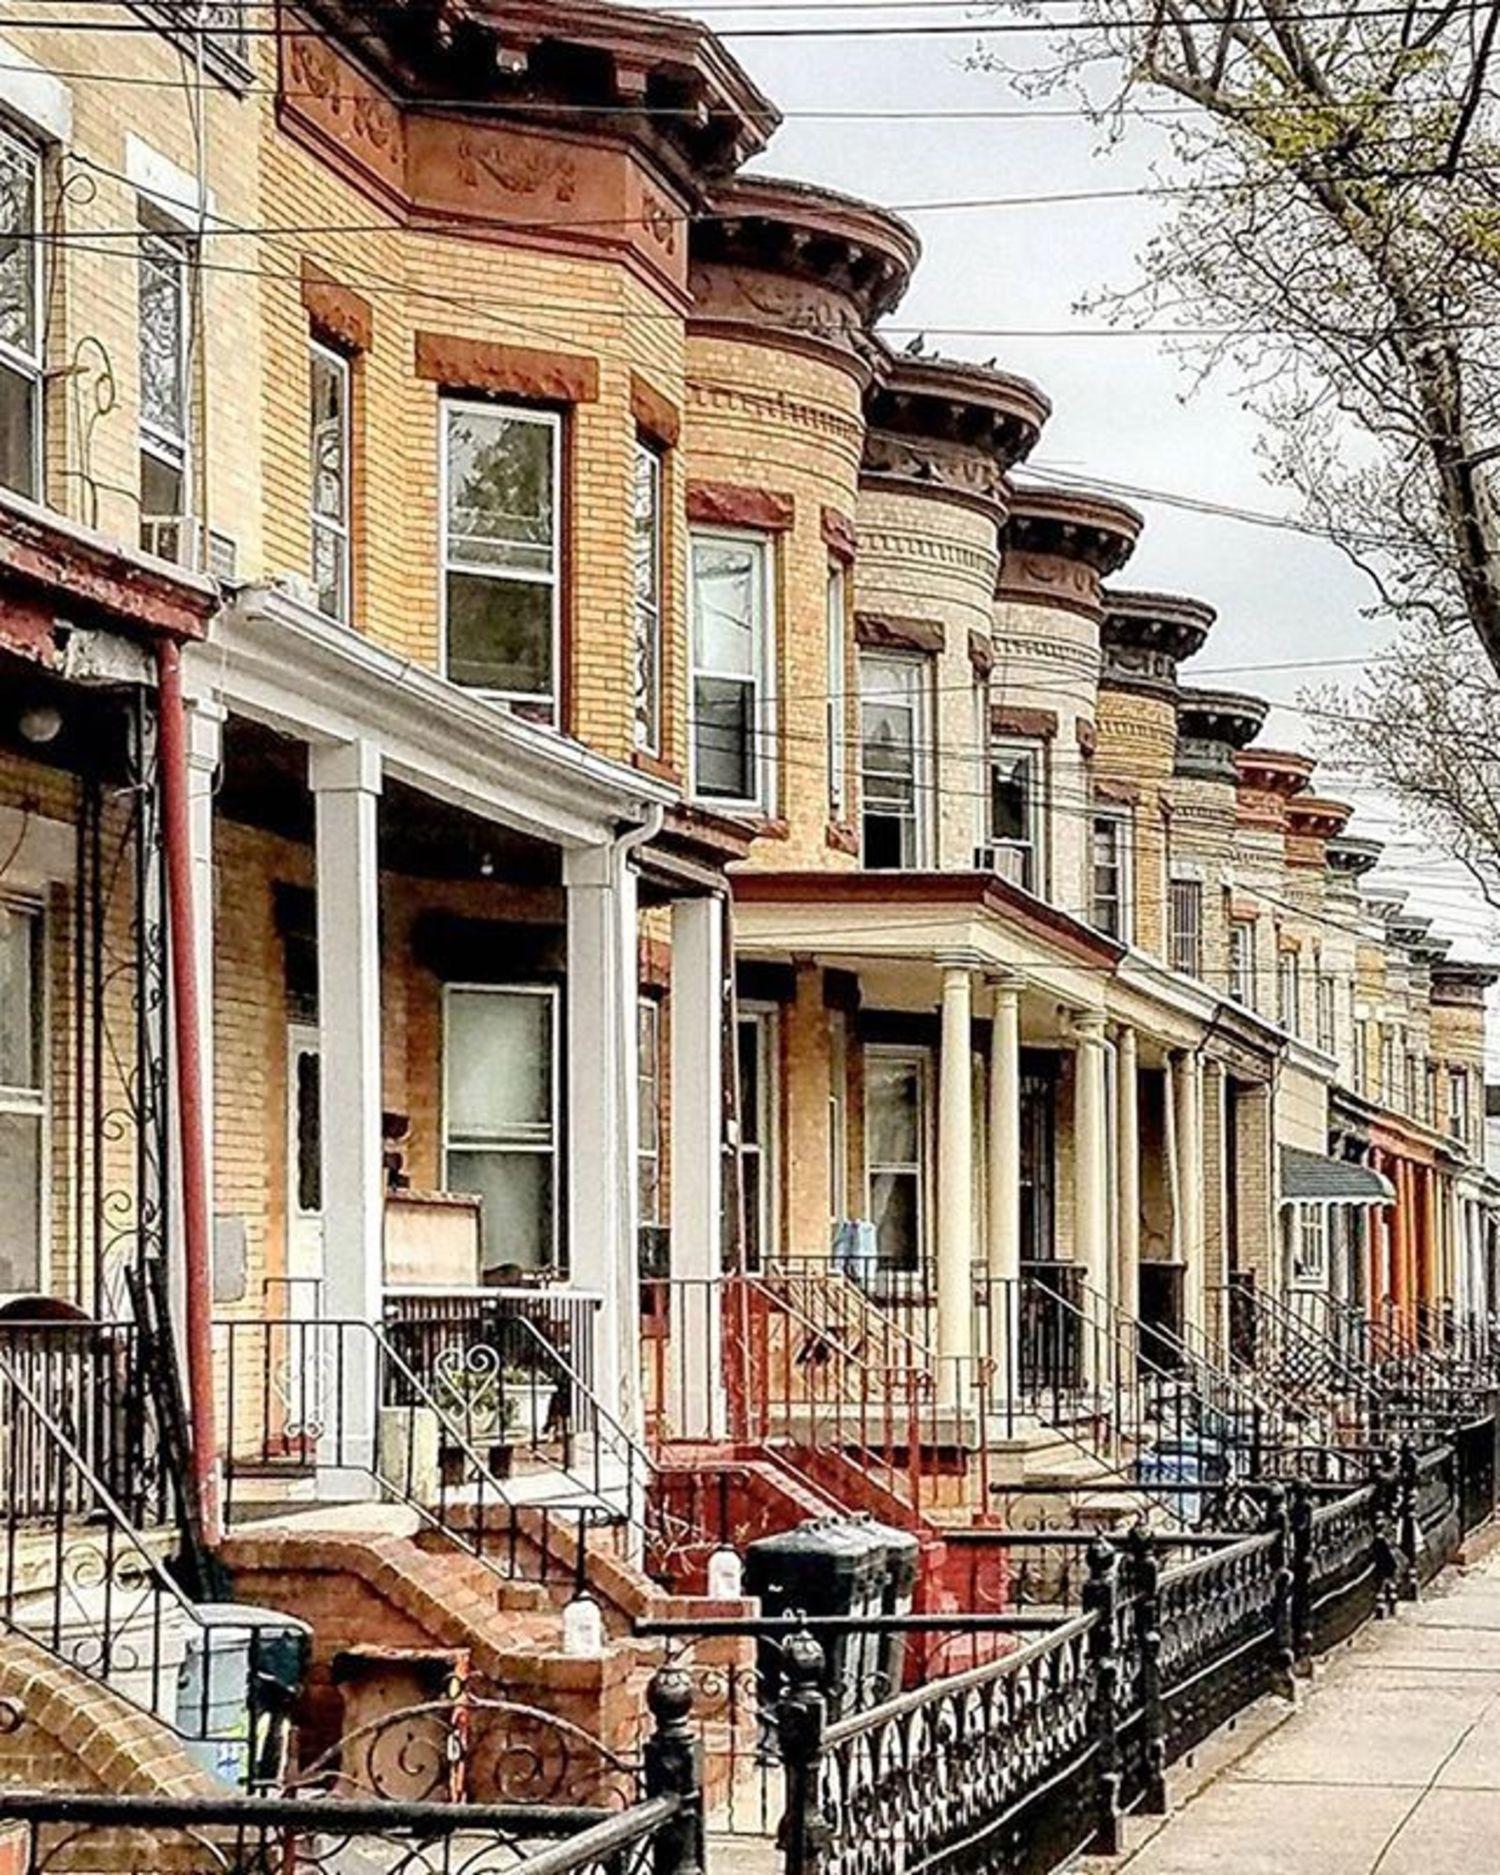 Woodhaven, Queens. Photo via @rochdalian #viewingnyc